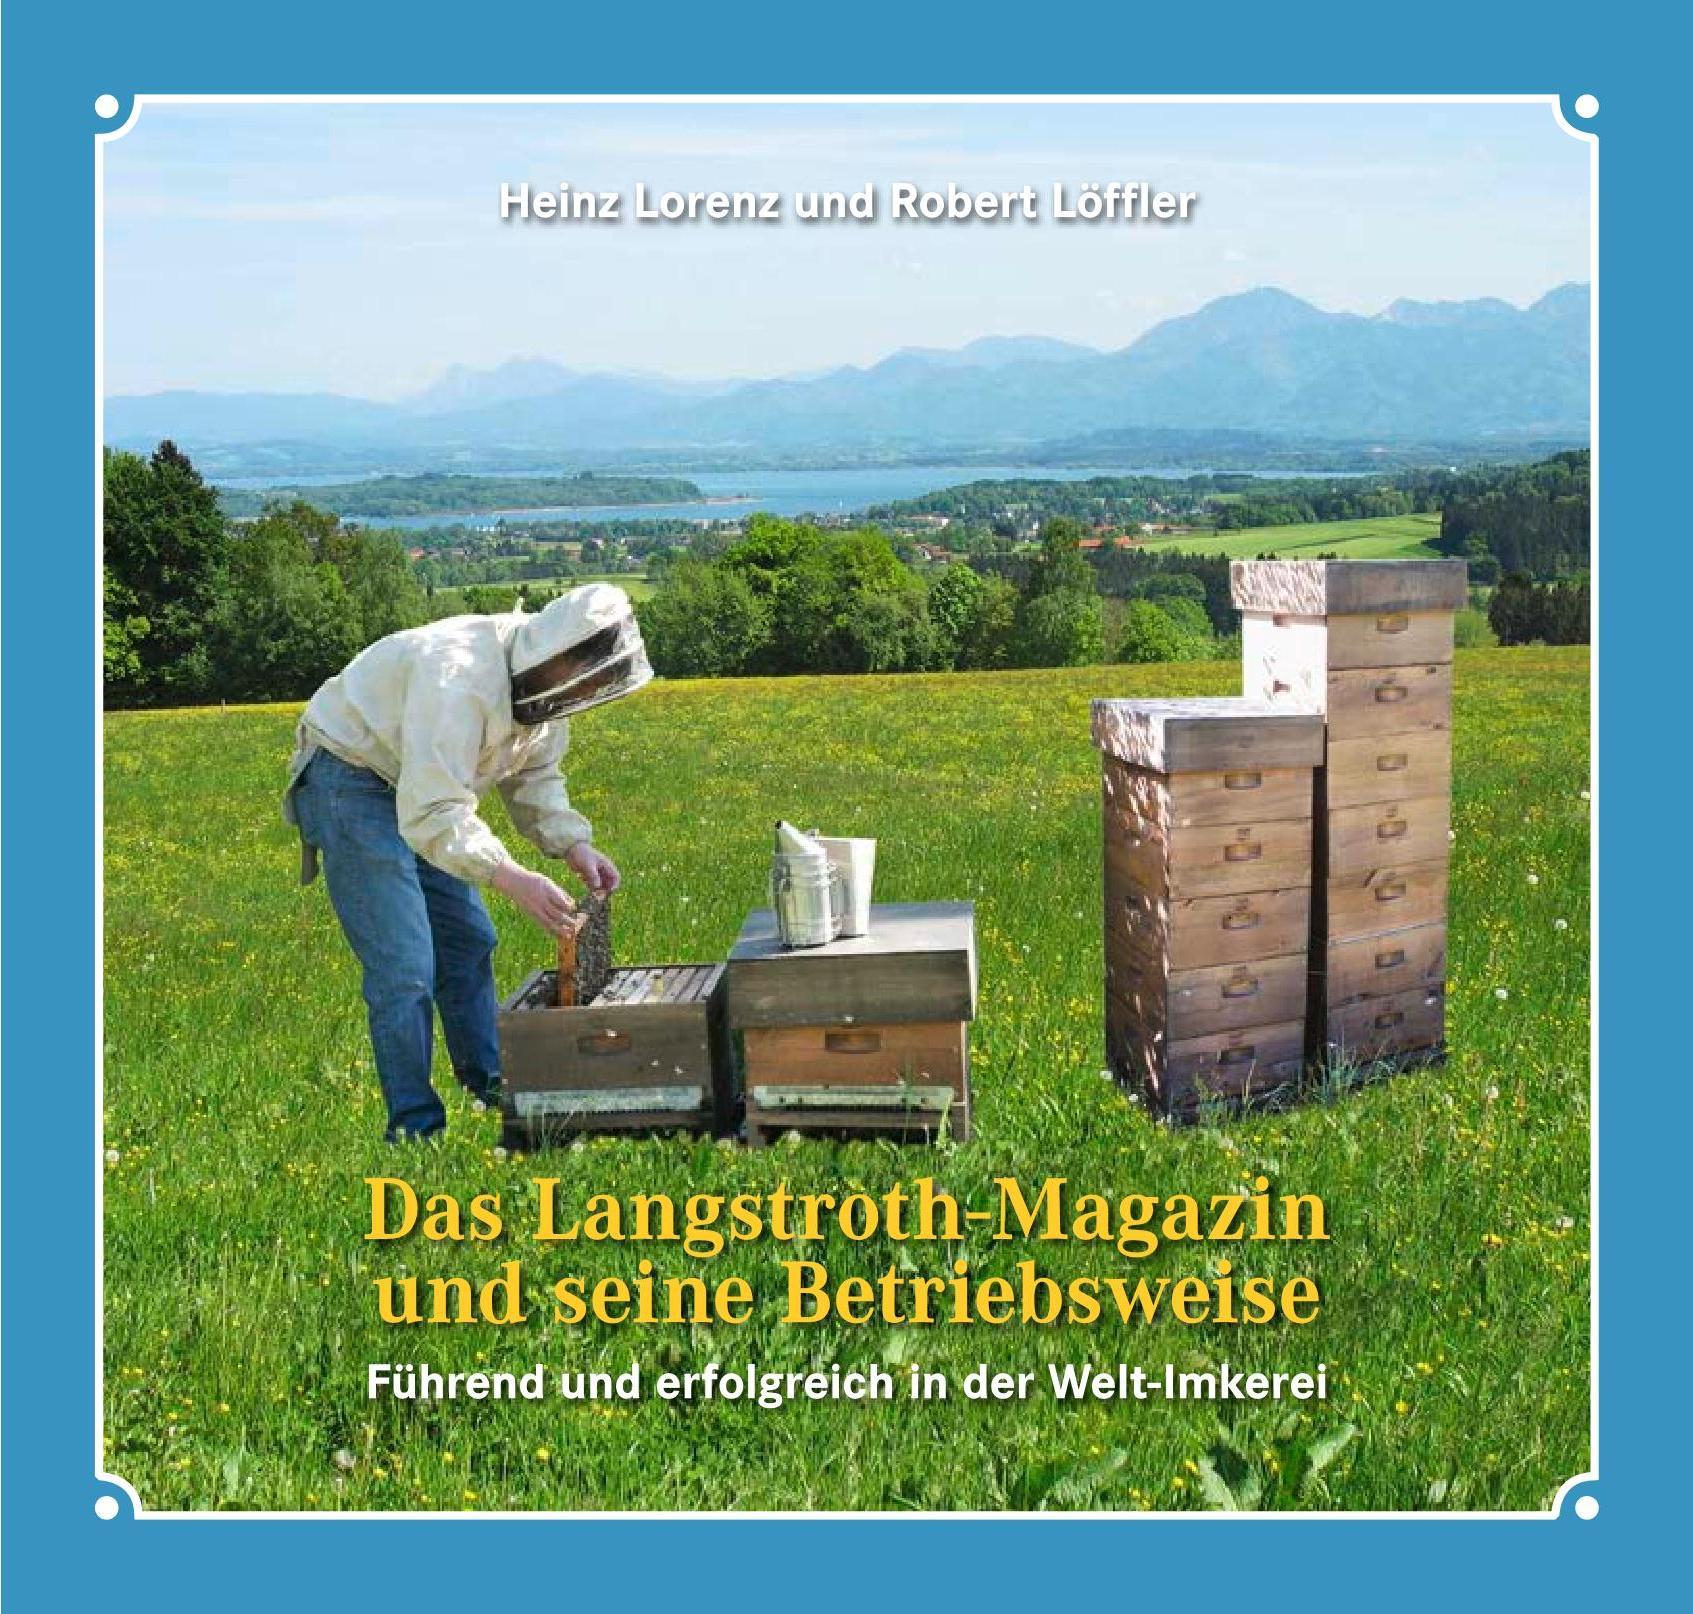 Das Langstroth-Magazin und seine Betriebsweise - Führend und erfolgreich in der Weltimkerei